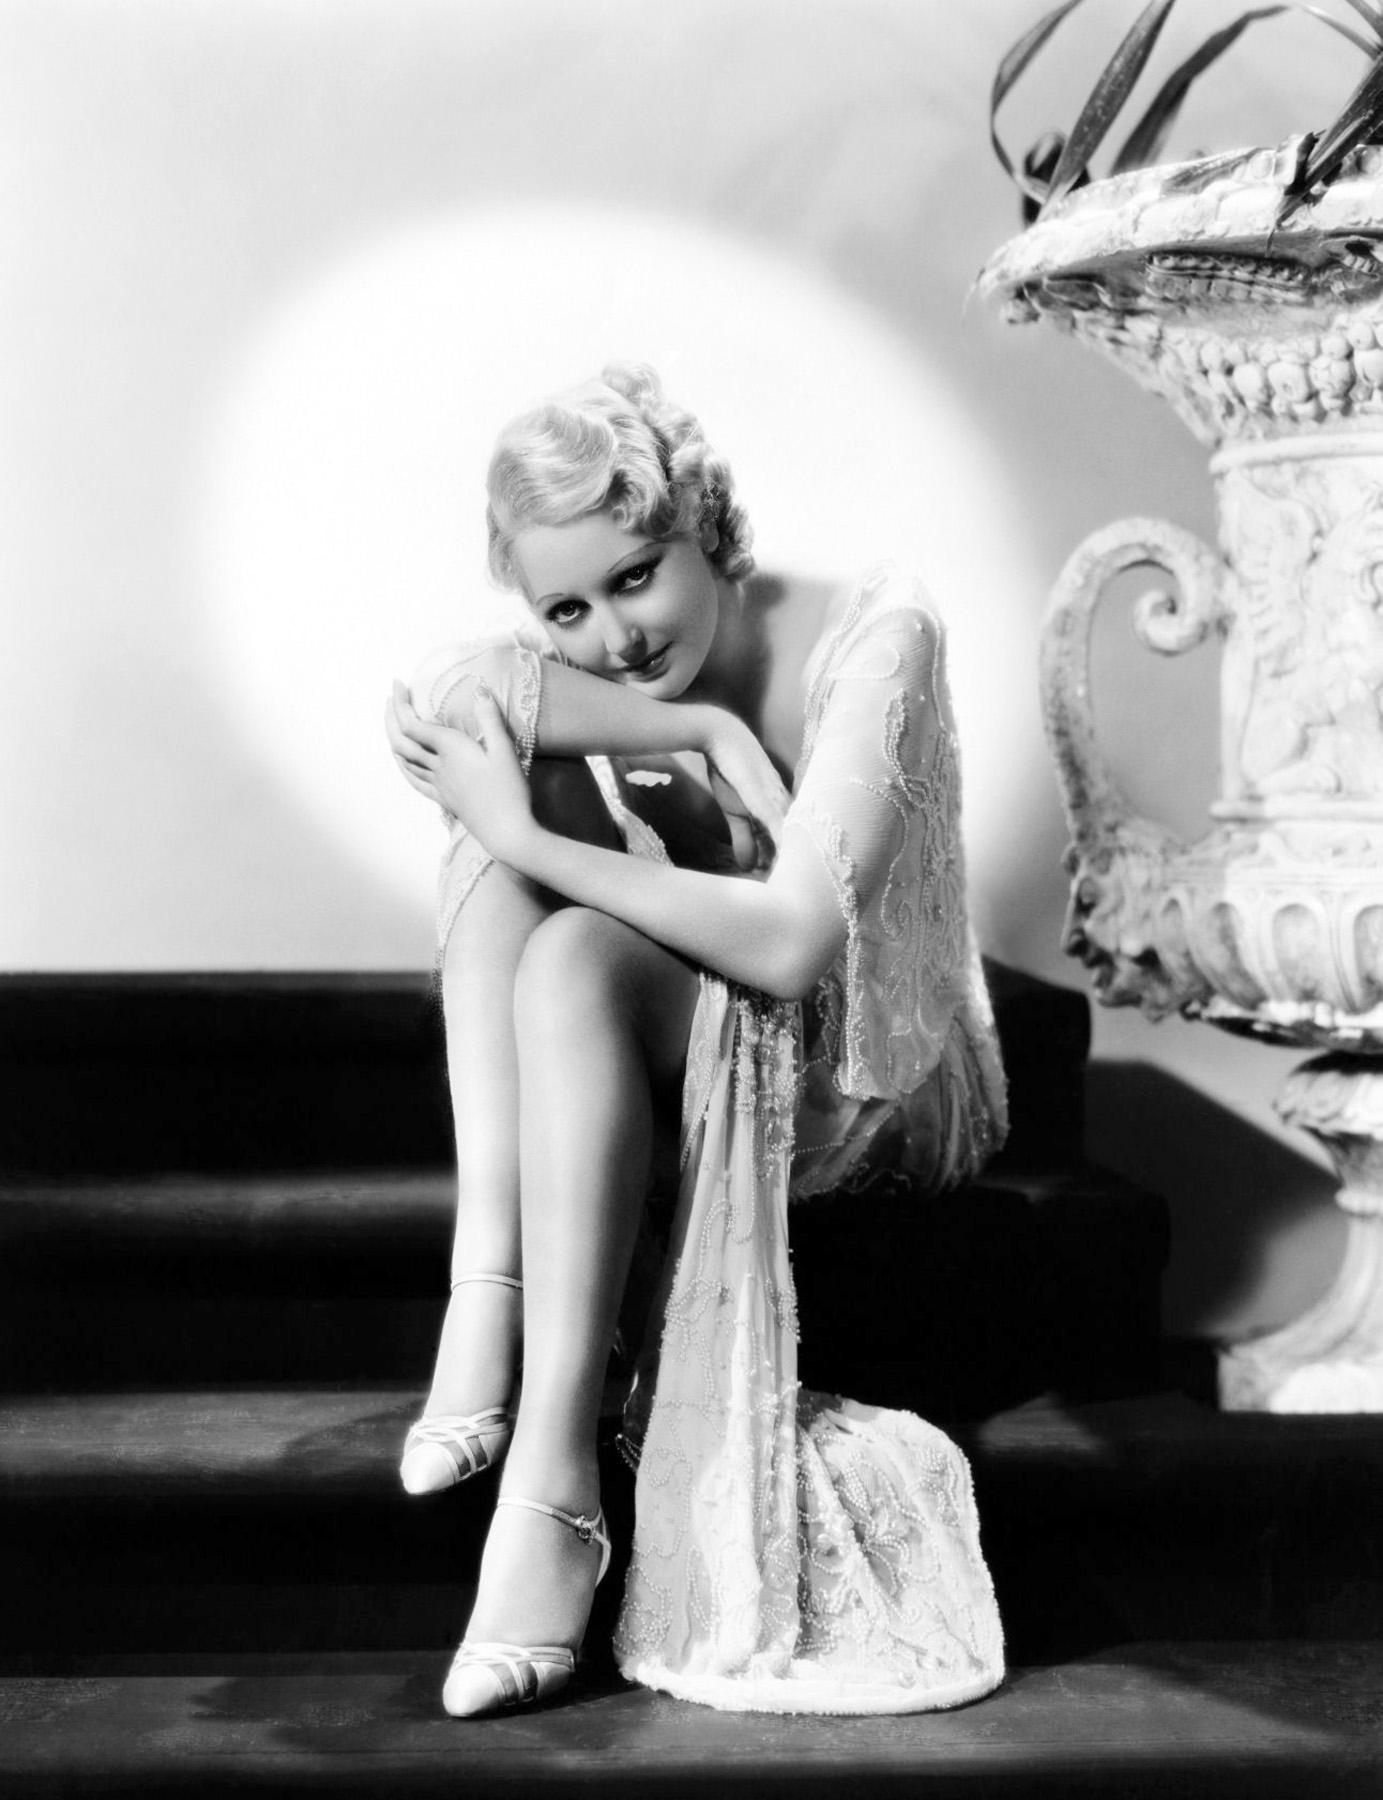 Thelma Todd in Horse Feathers (Blühender Blödsinn, Die Marx Brothers in der Uni) 1932